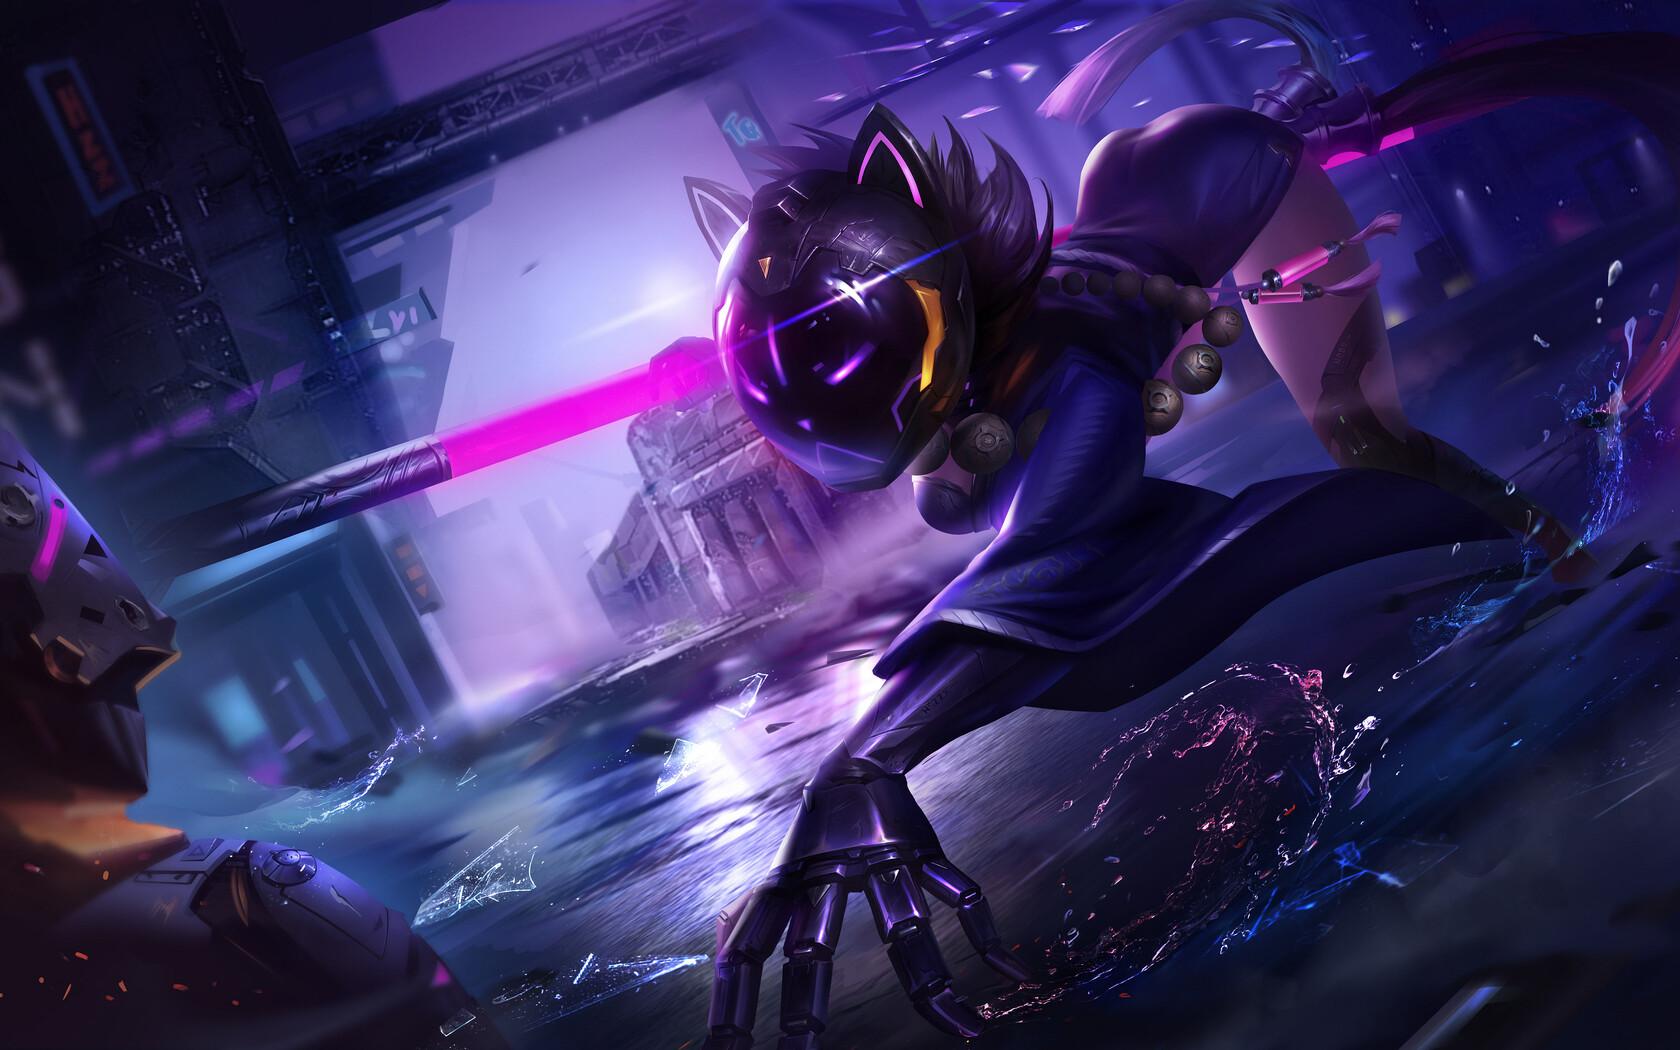 scifi-ninja-cat-girl-4k-ni.jpg